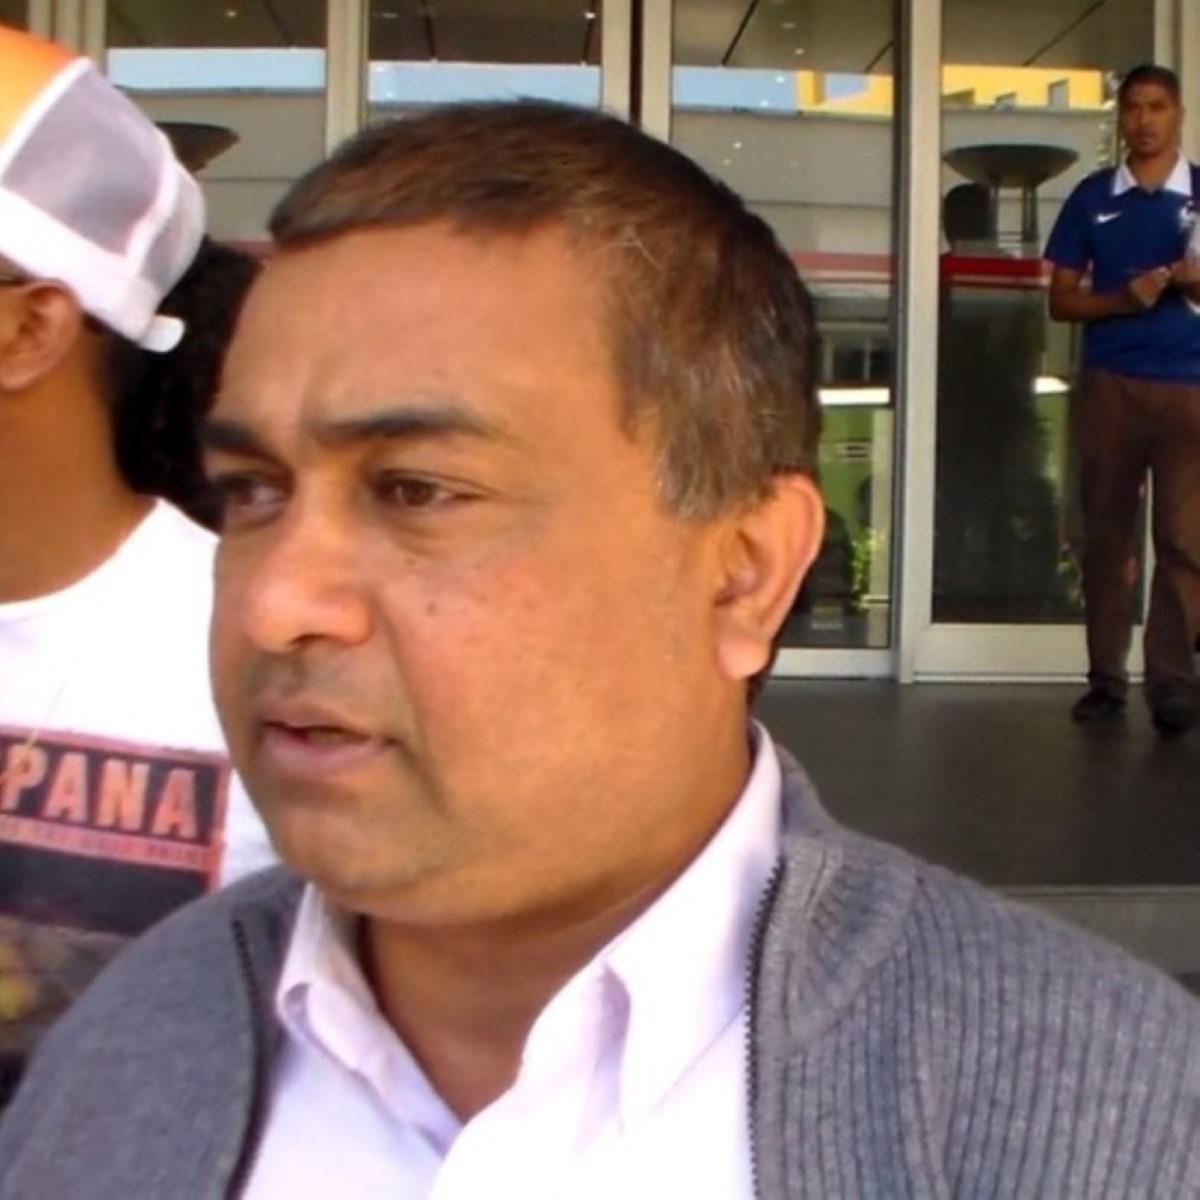 Reaz Chuttoo, qui a fait campagne contre l'Alliance Nationale, déplore l'attitude de l'actuel gouvernement envers les travailleurs